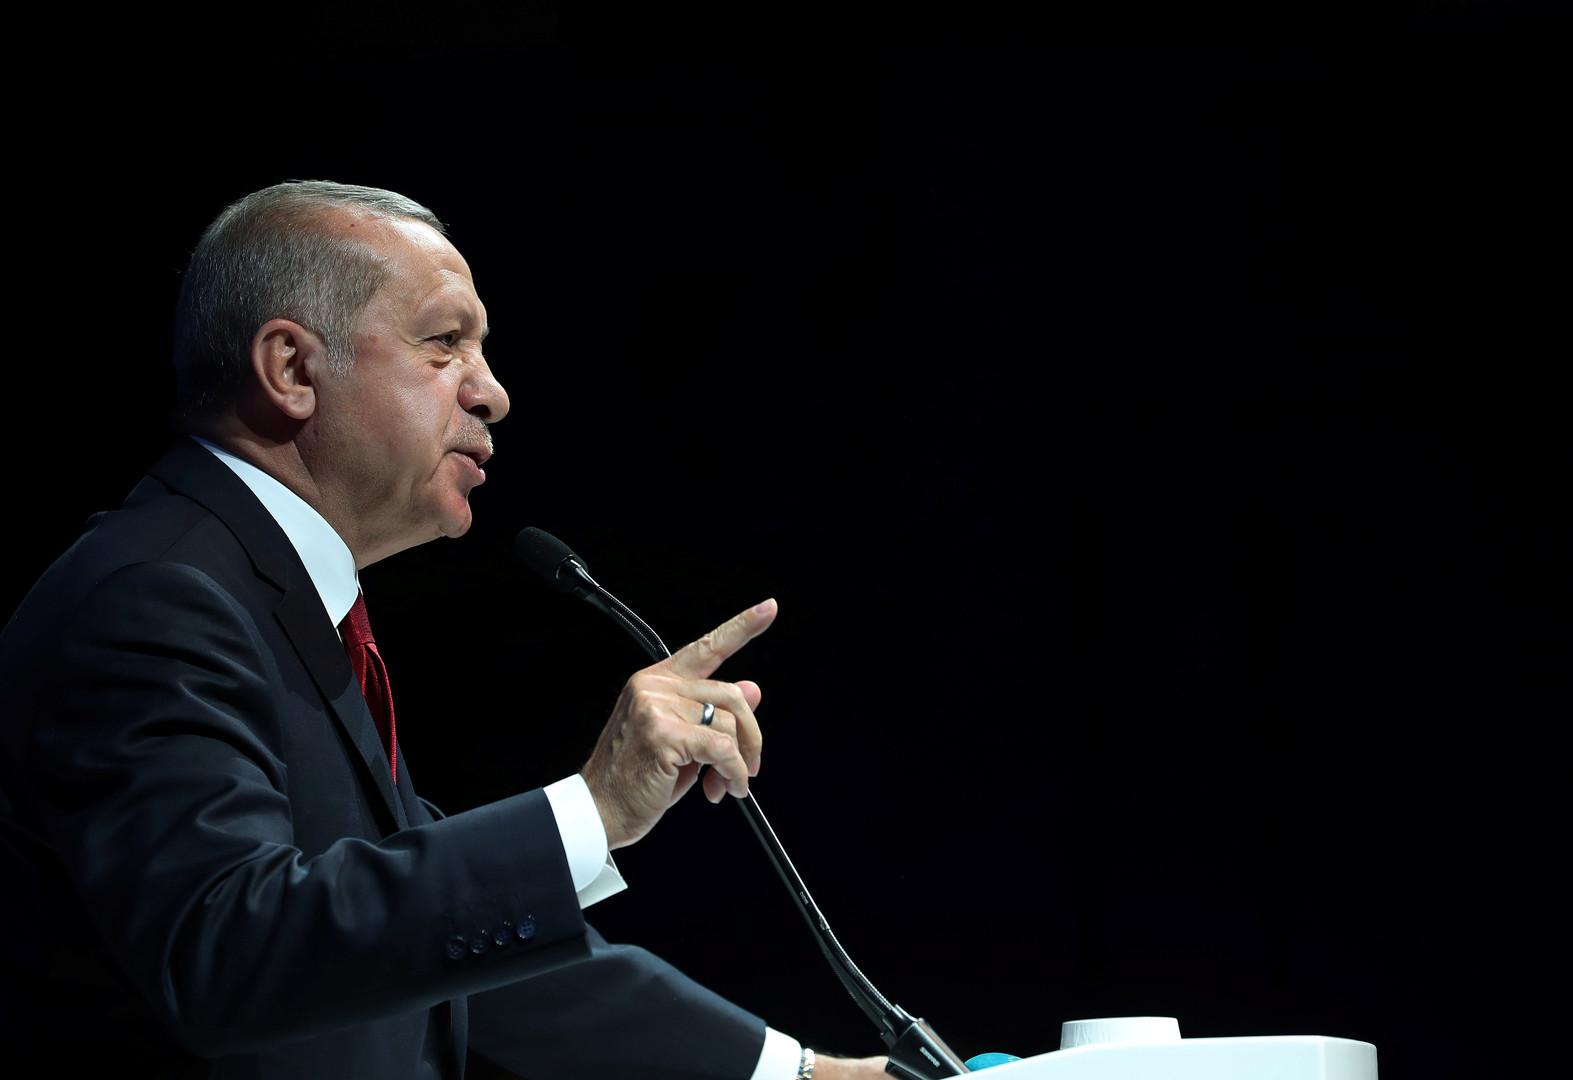 أردوغان متحديا تحذير مصر والغرب: مستمرون في التنقيب شرق المتوسط